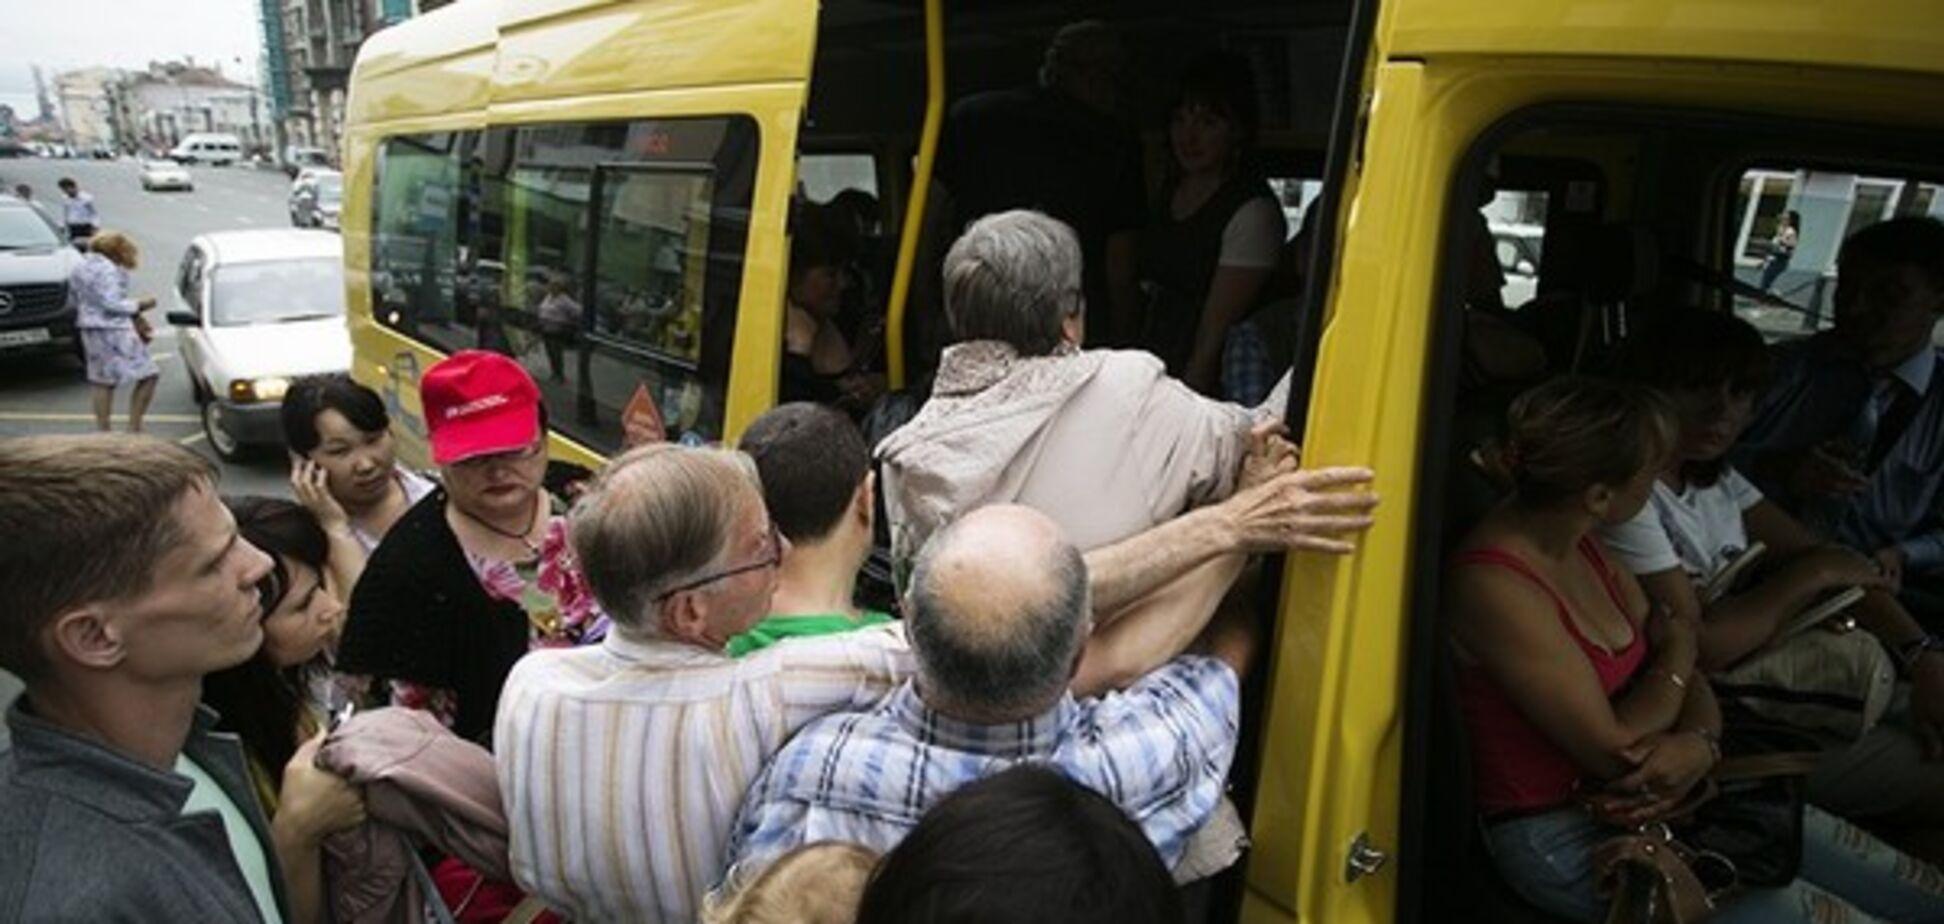 'Як худобу на забій': розповідь про поїздку з BlaBlaCar розгнівала українців